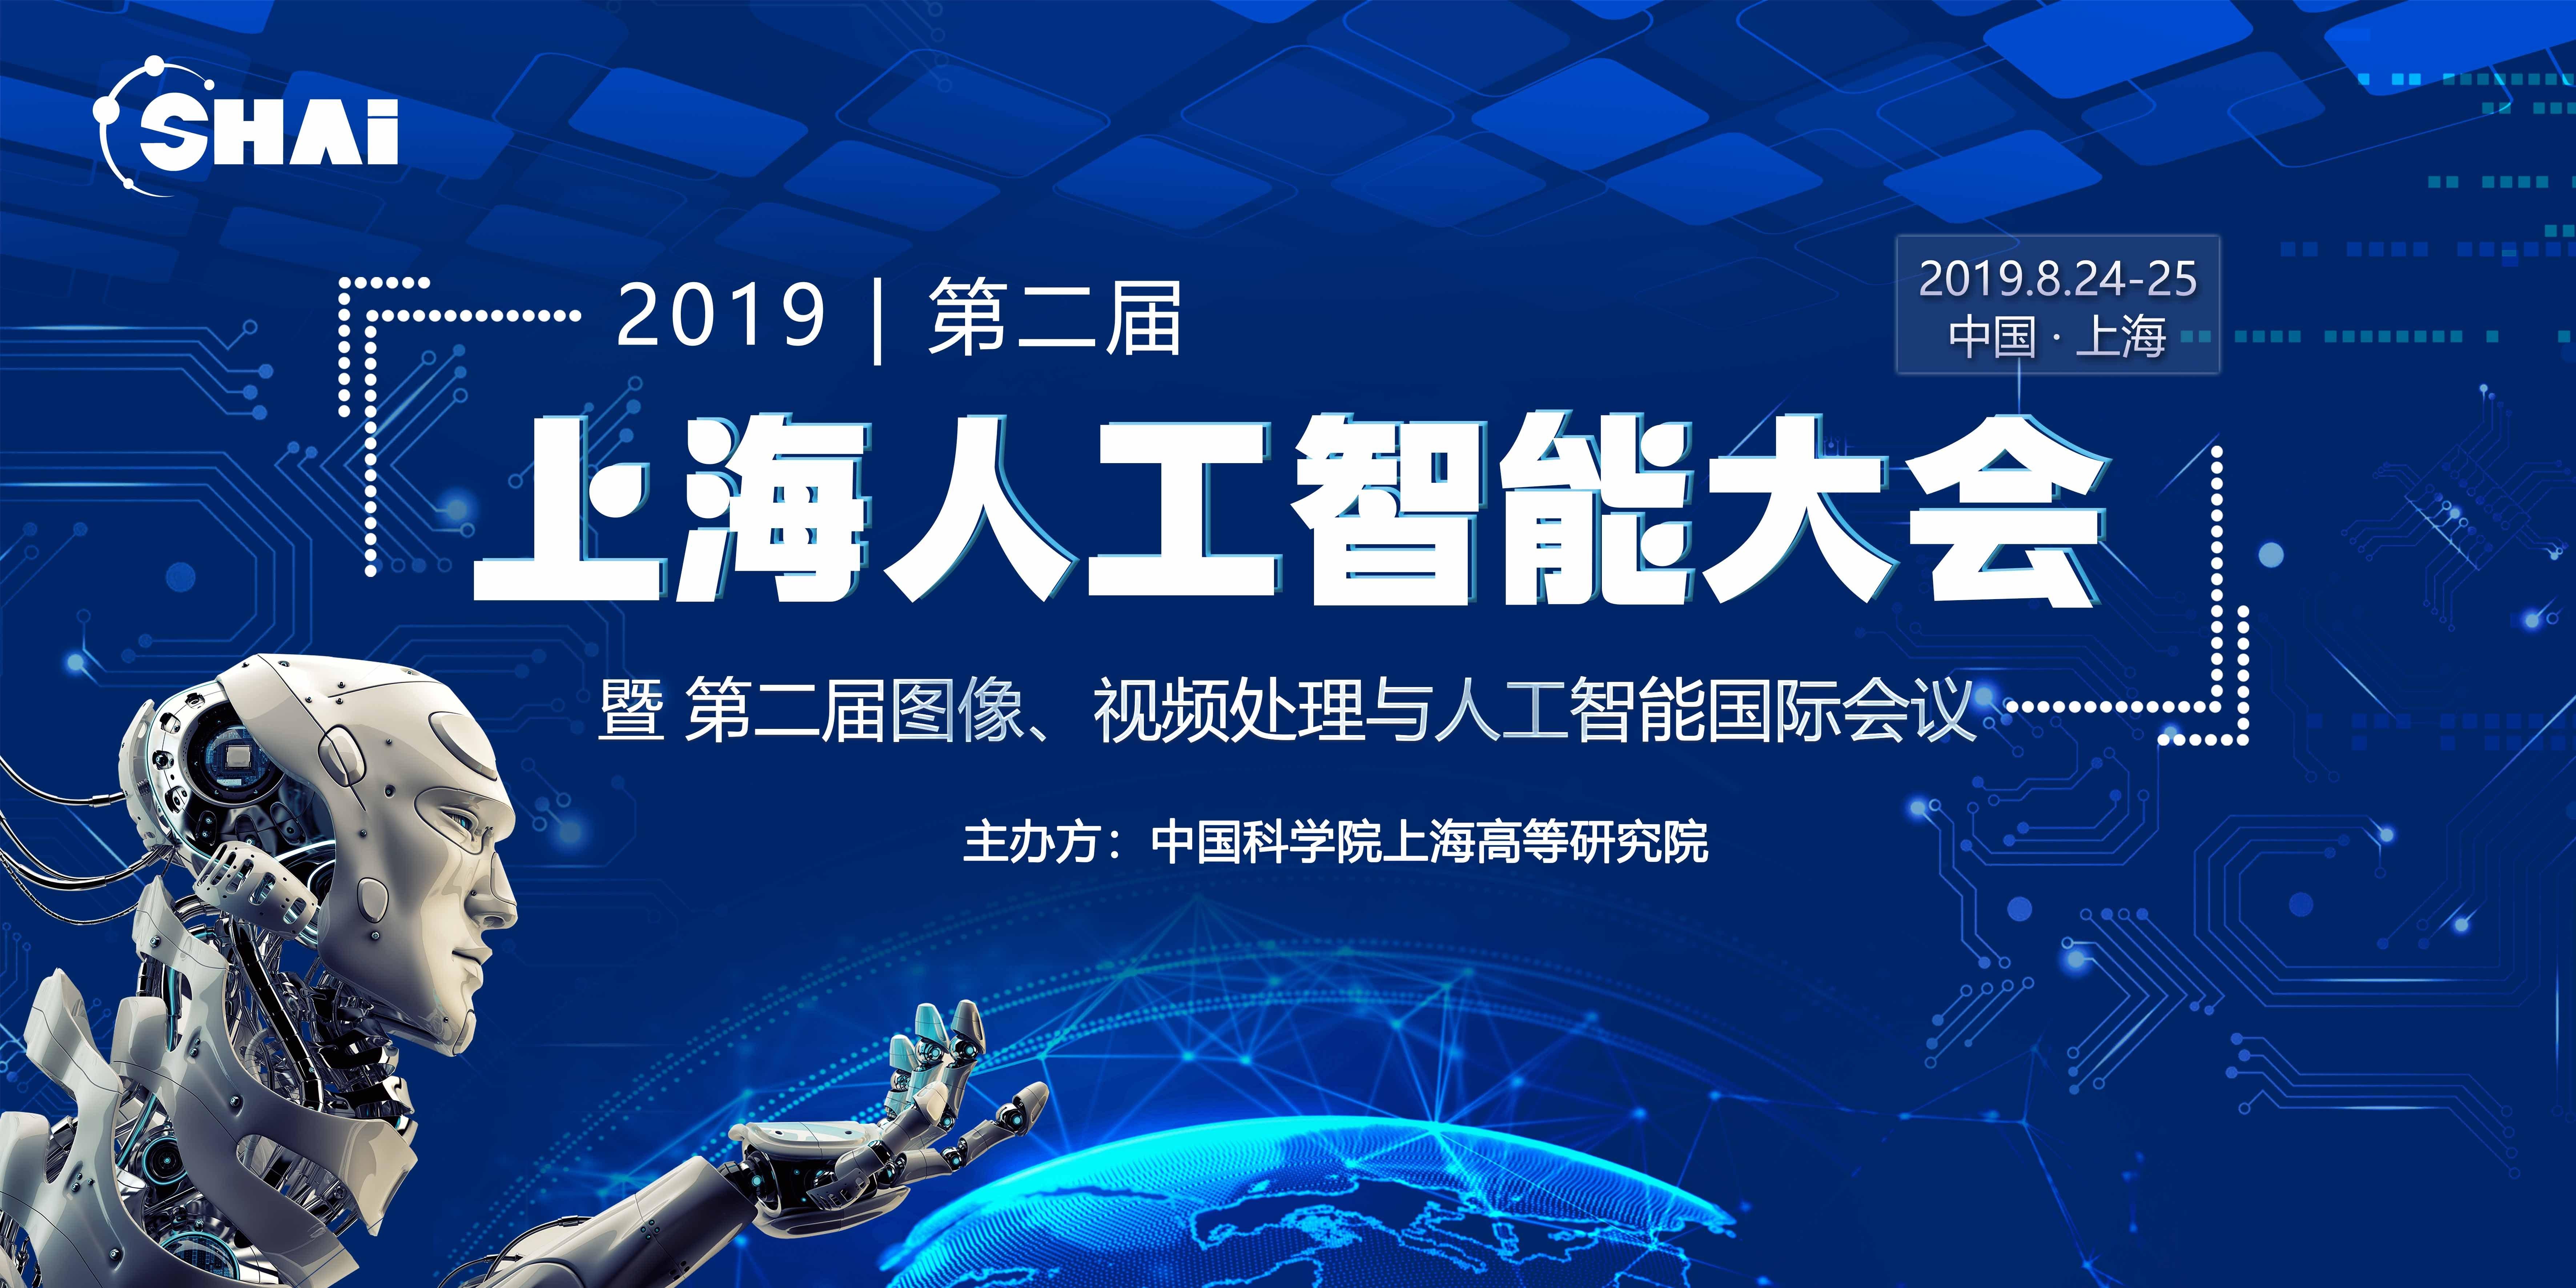 SHAI2019年上海人工智能大会 暨第二届图像、大发11选5视频处理与人工智能国际会议 (IVPAI2019)